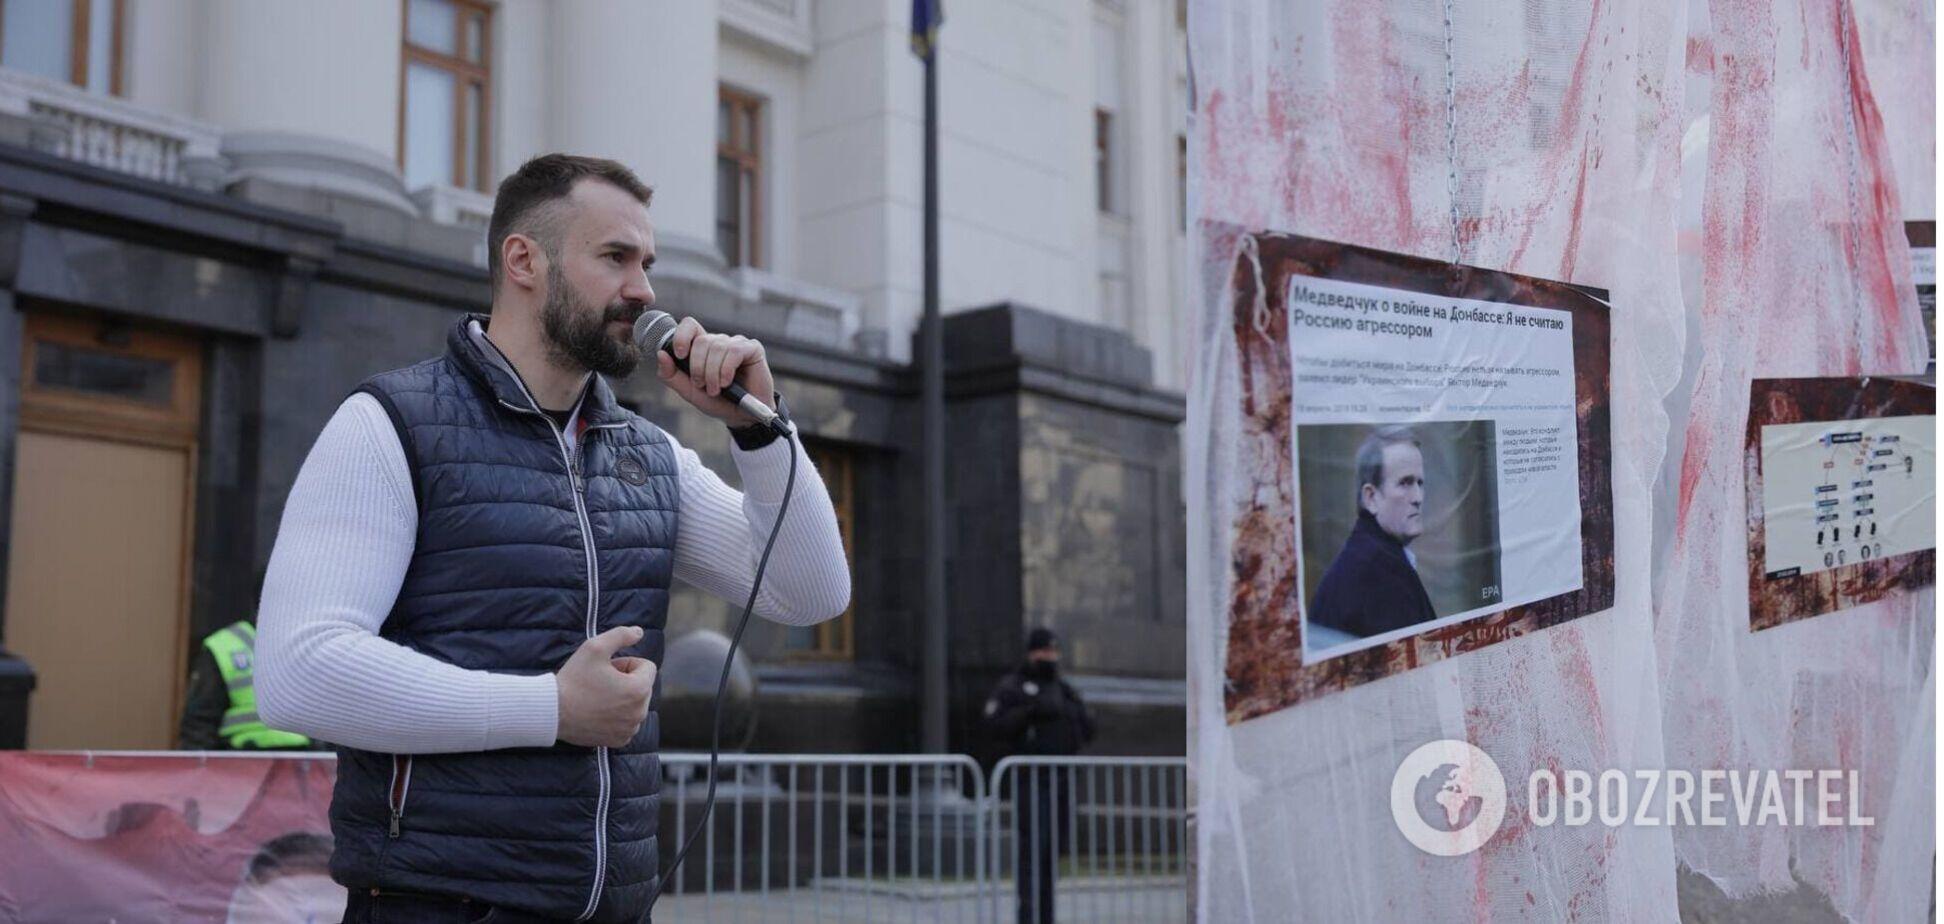 Санкции против Медведчука: Нацкорпус потребовал перейти к посадкам